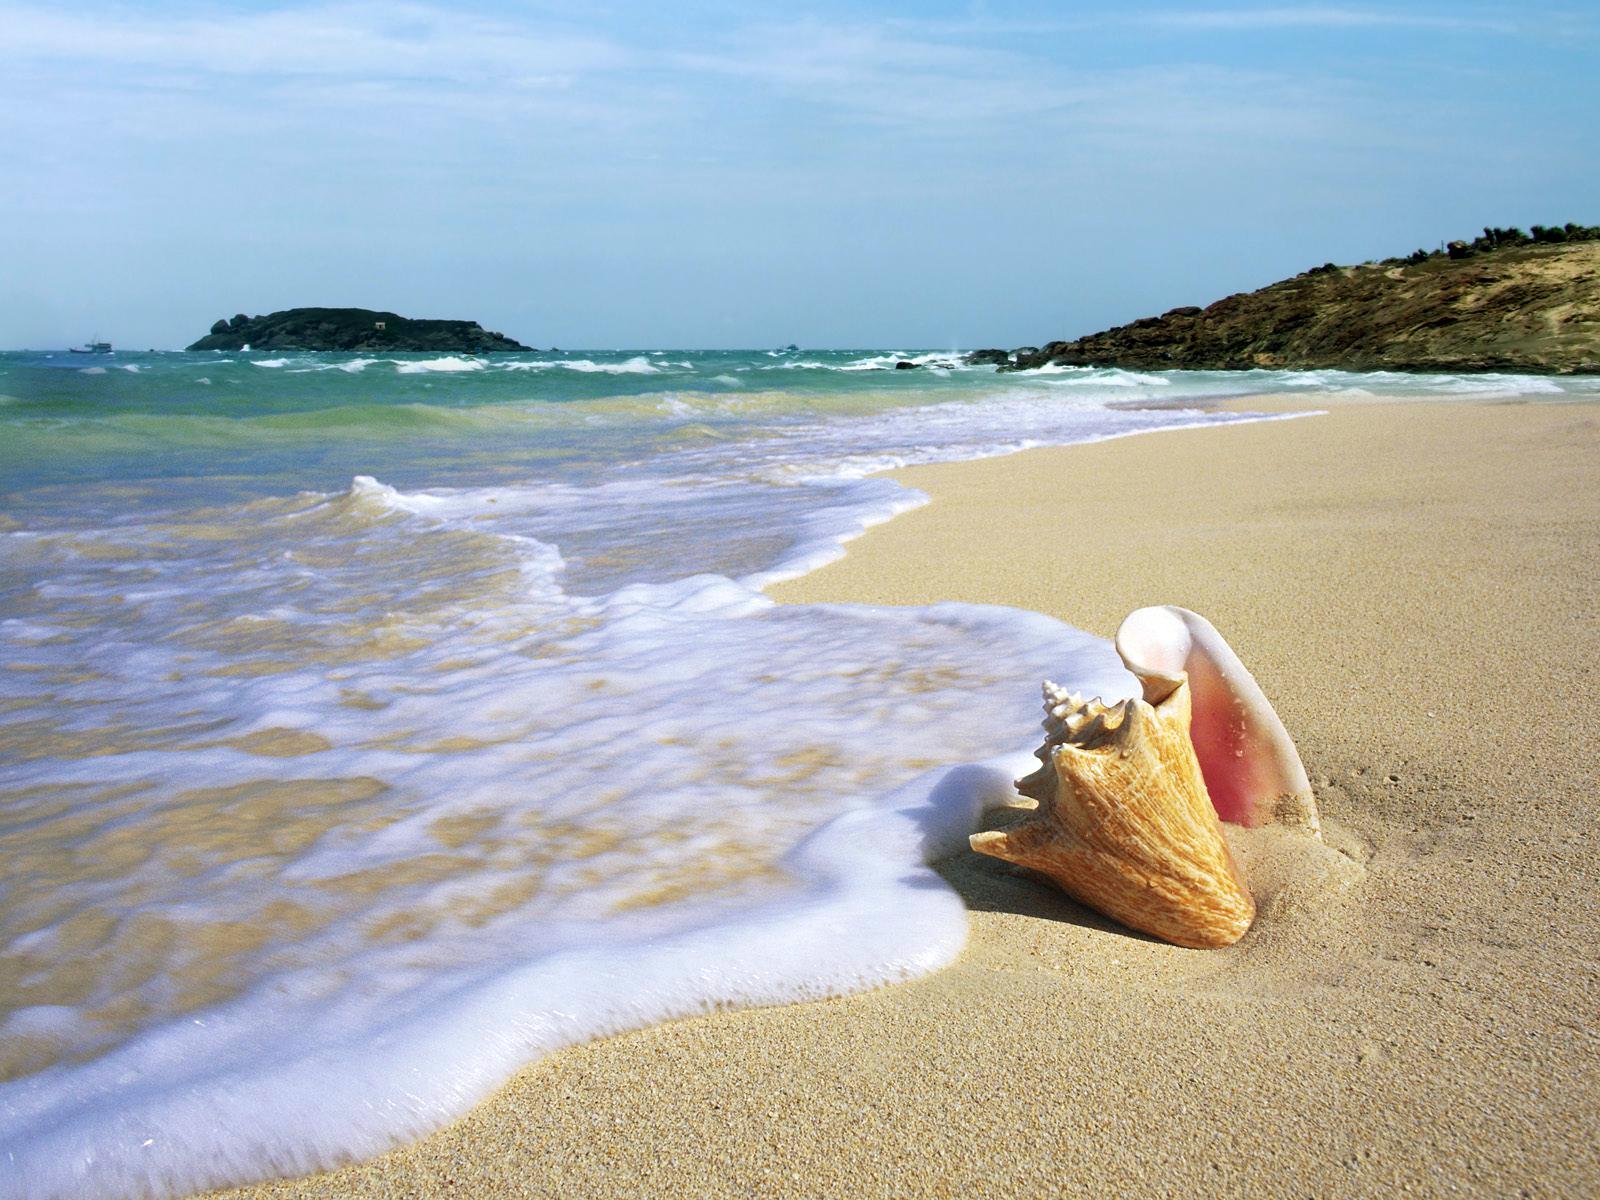 cuộc sống hạnh phúc - dạo biển - elle man